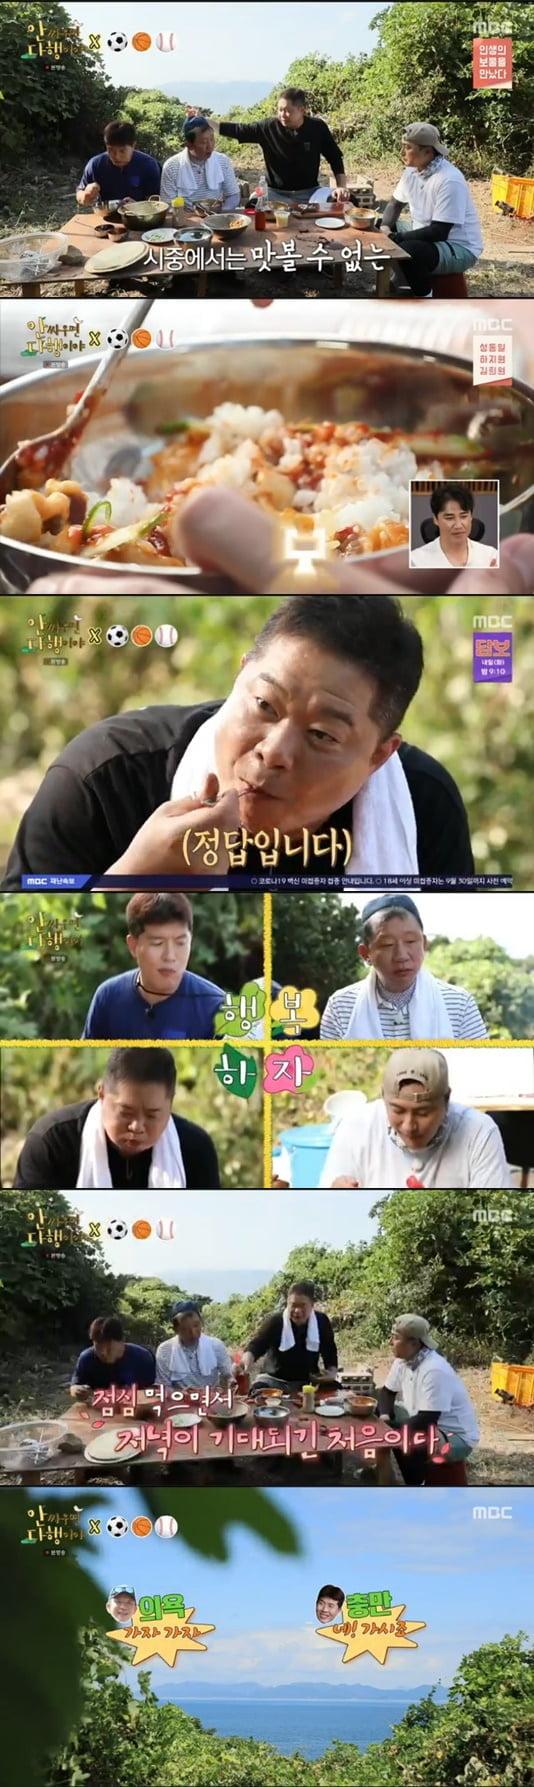 """현주엽, 자연산 멍게 비빔밥 먹방 선보여->허재 """"뭐라도 잡아올게'(안다행')"""